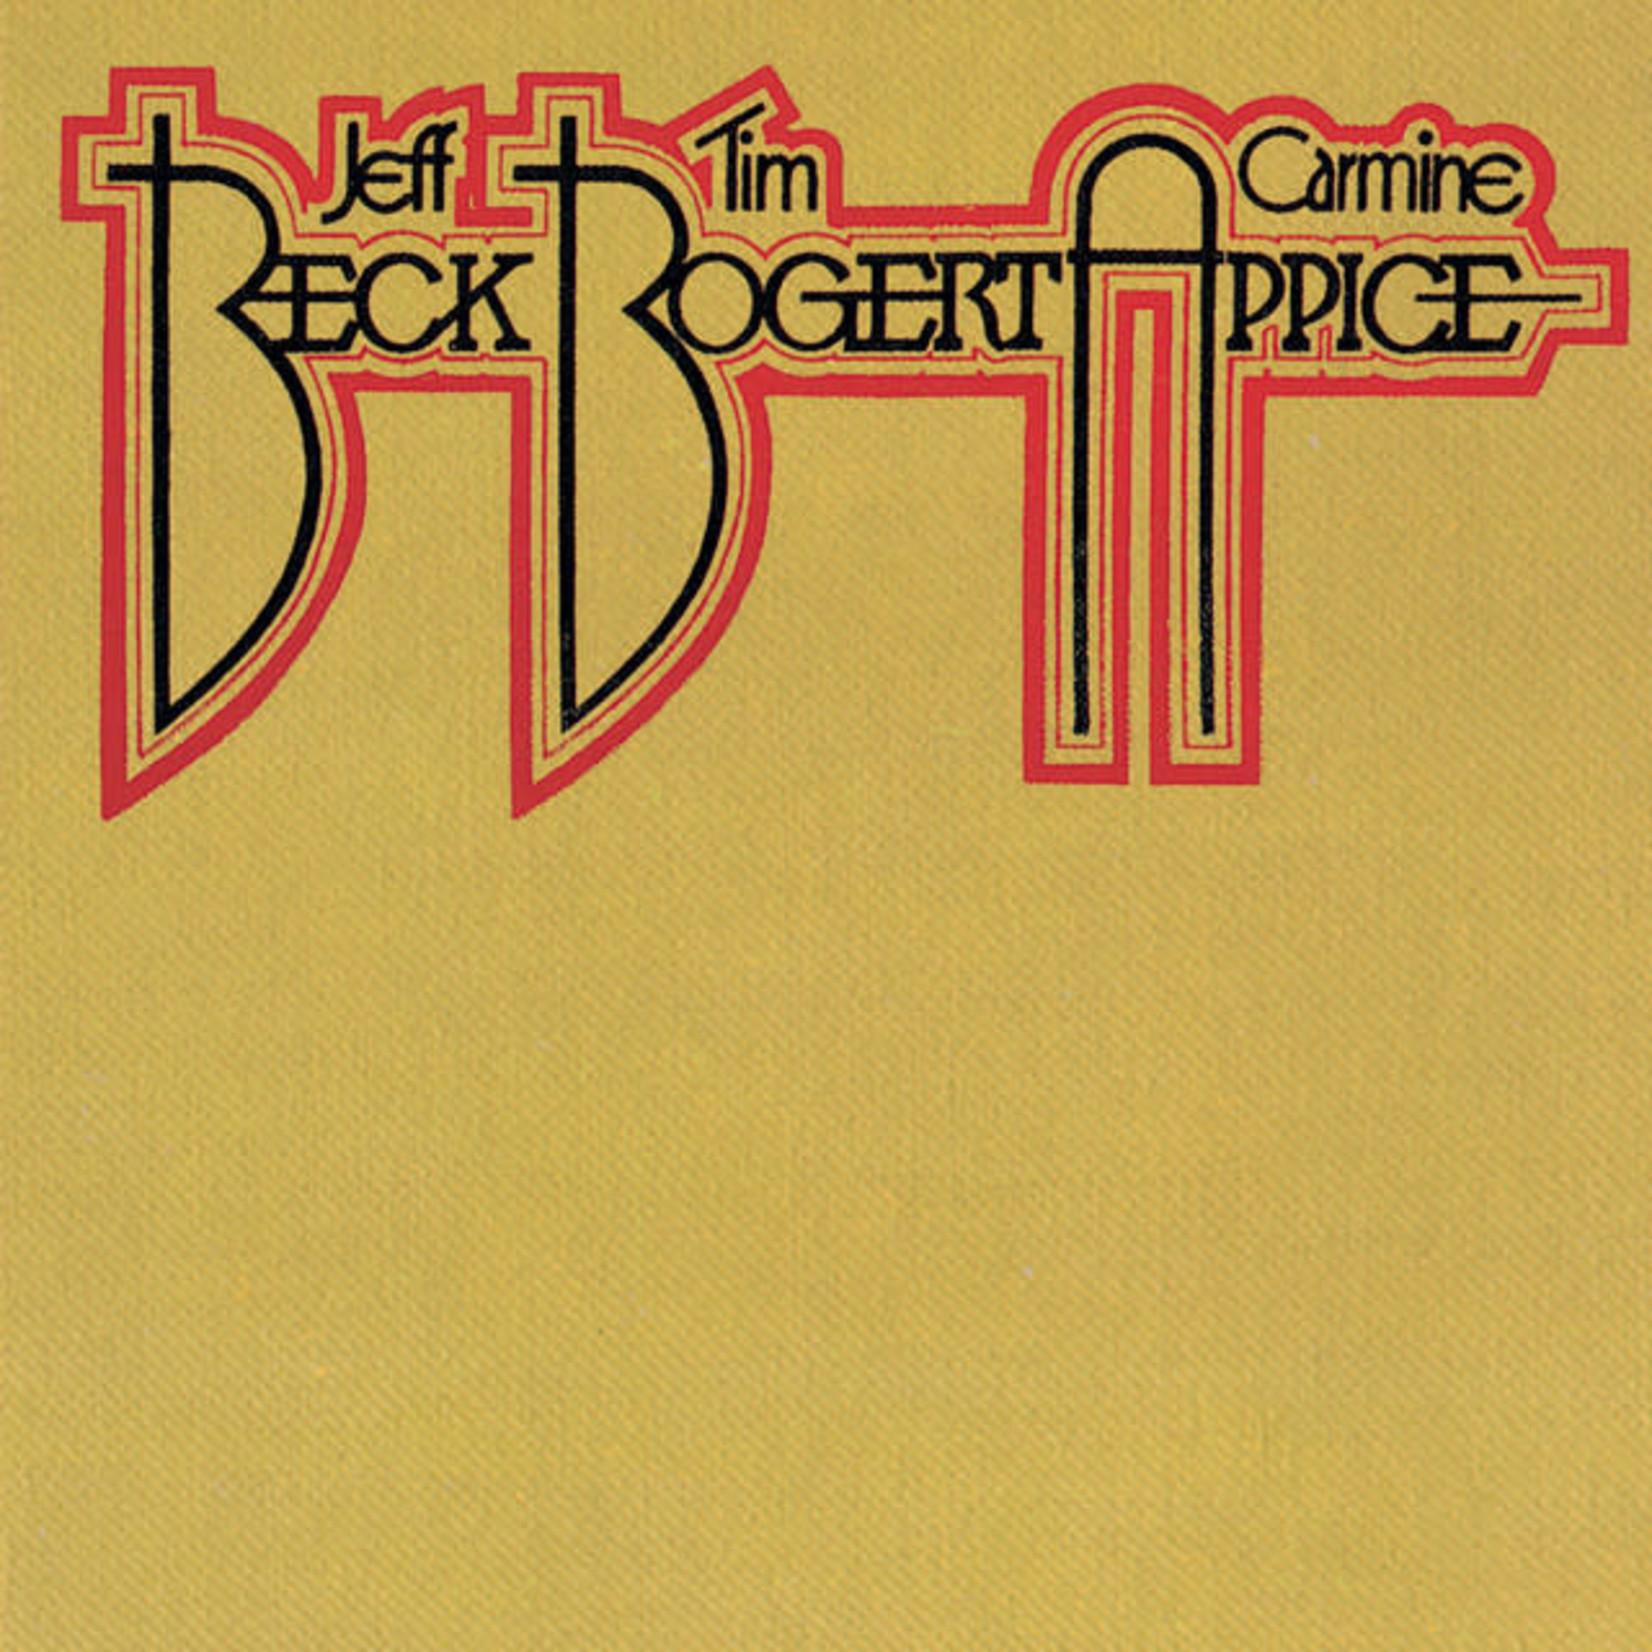 Vinyl Jeff Beck - Beck Bogert Appice